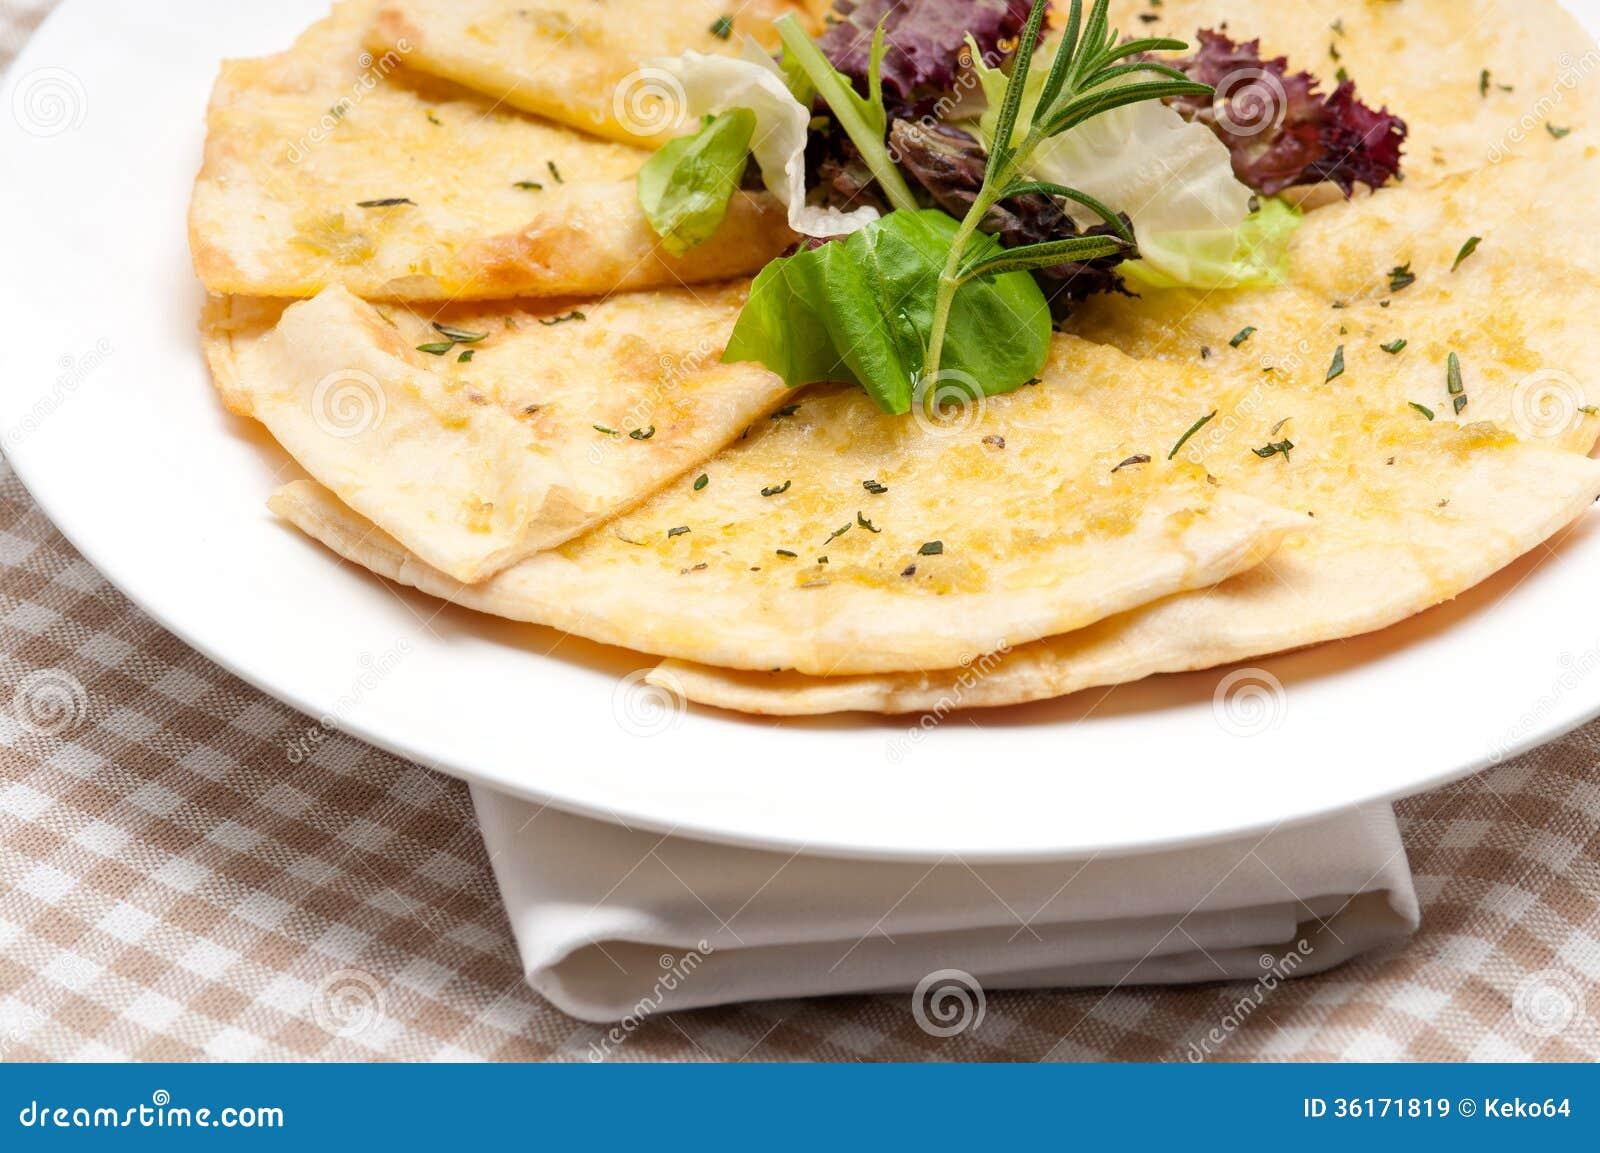 Pizza Do Pao Do Pao Arabe Do Alho Com Salada Na Parte Superior Imagem De Stock Imagem De Superior Arabe 36171819